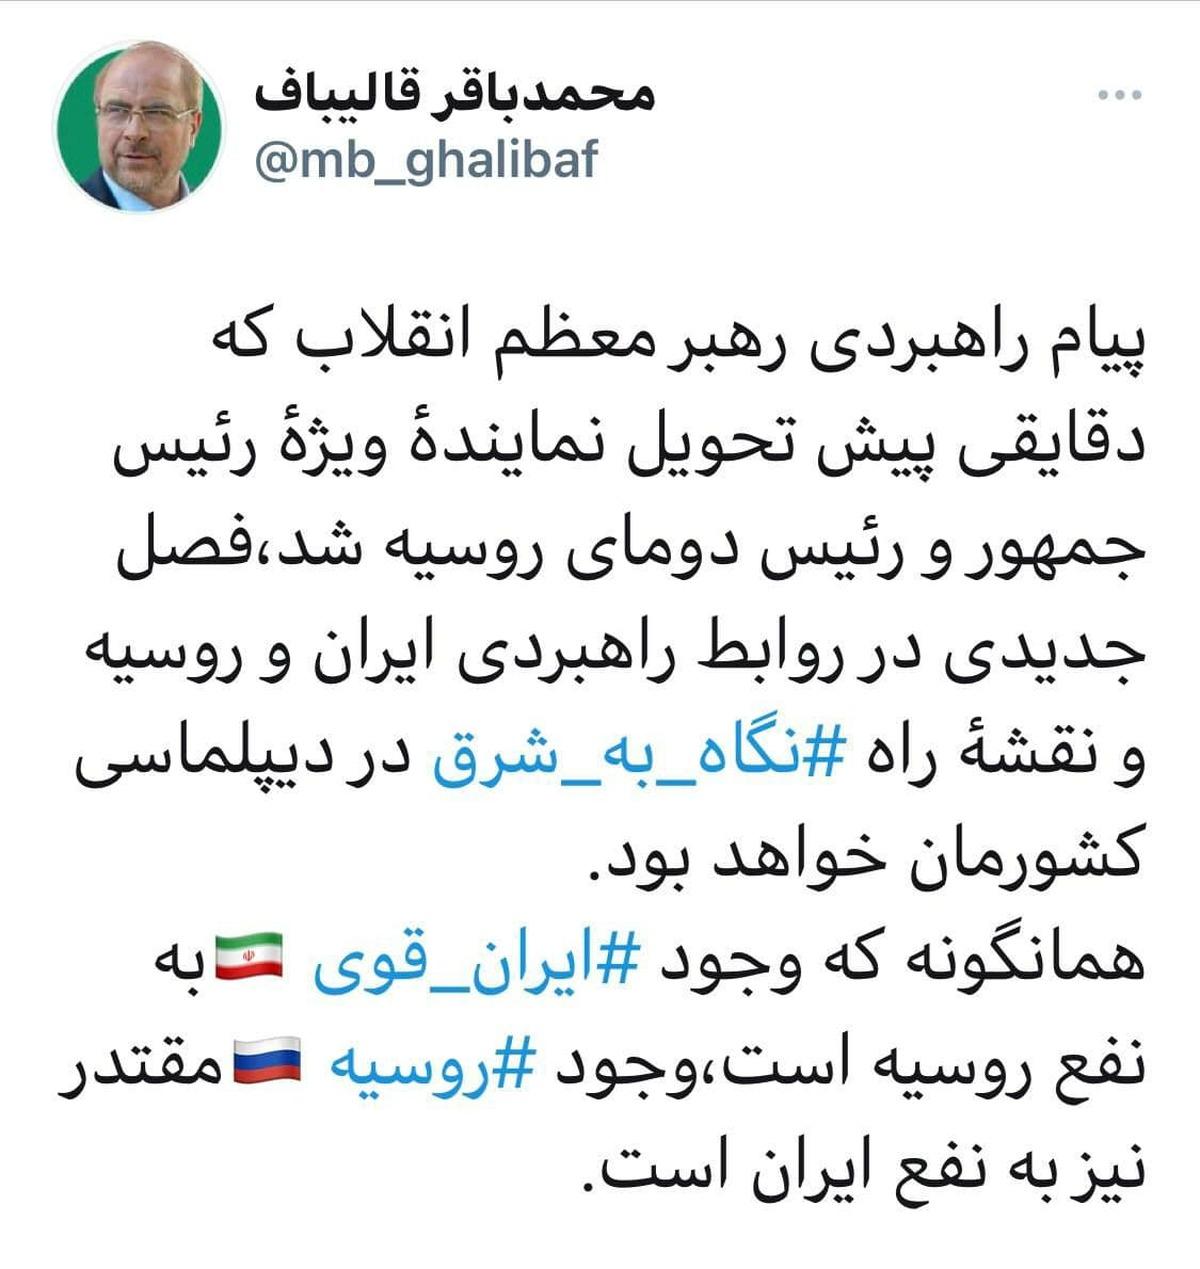 توییت قالیباف از مسکو: وجود ایران قوی به نفع روسیه است